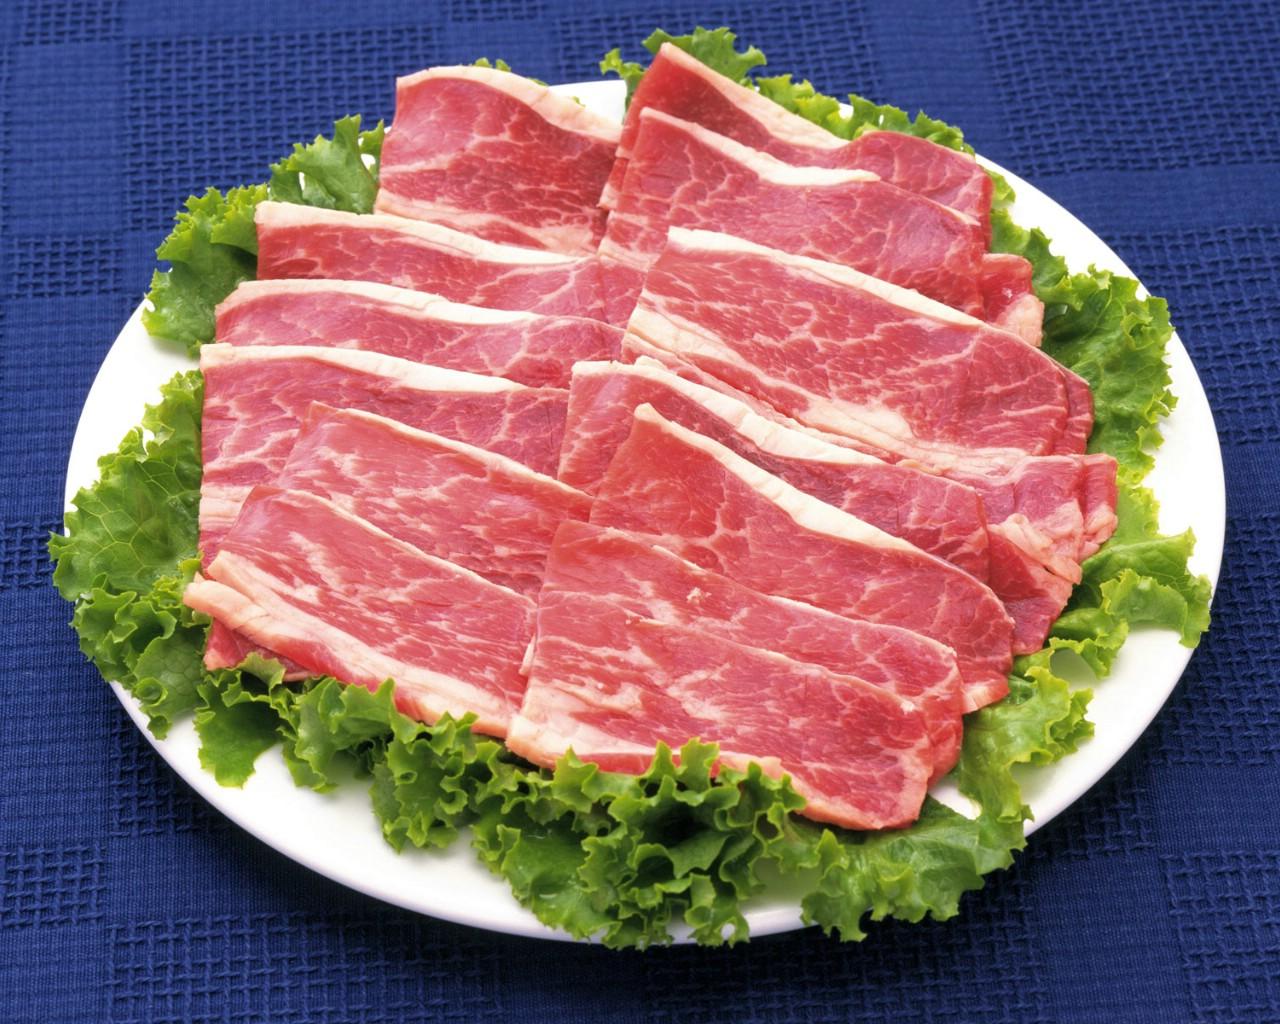 壁纸1280×1024海鲜美食 5 15壁纸 海鲜美食壁纸图片美食壁纸美食图片素材桌面壁纸